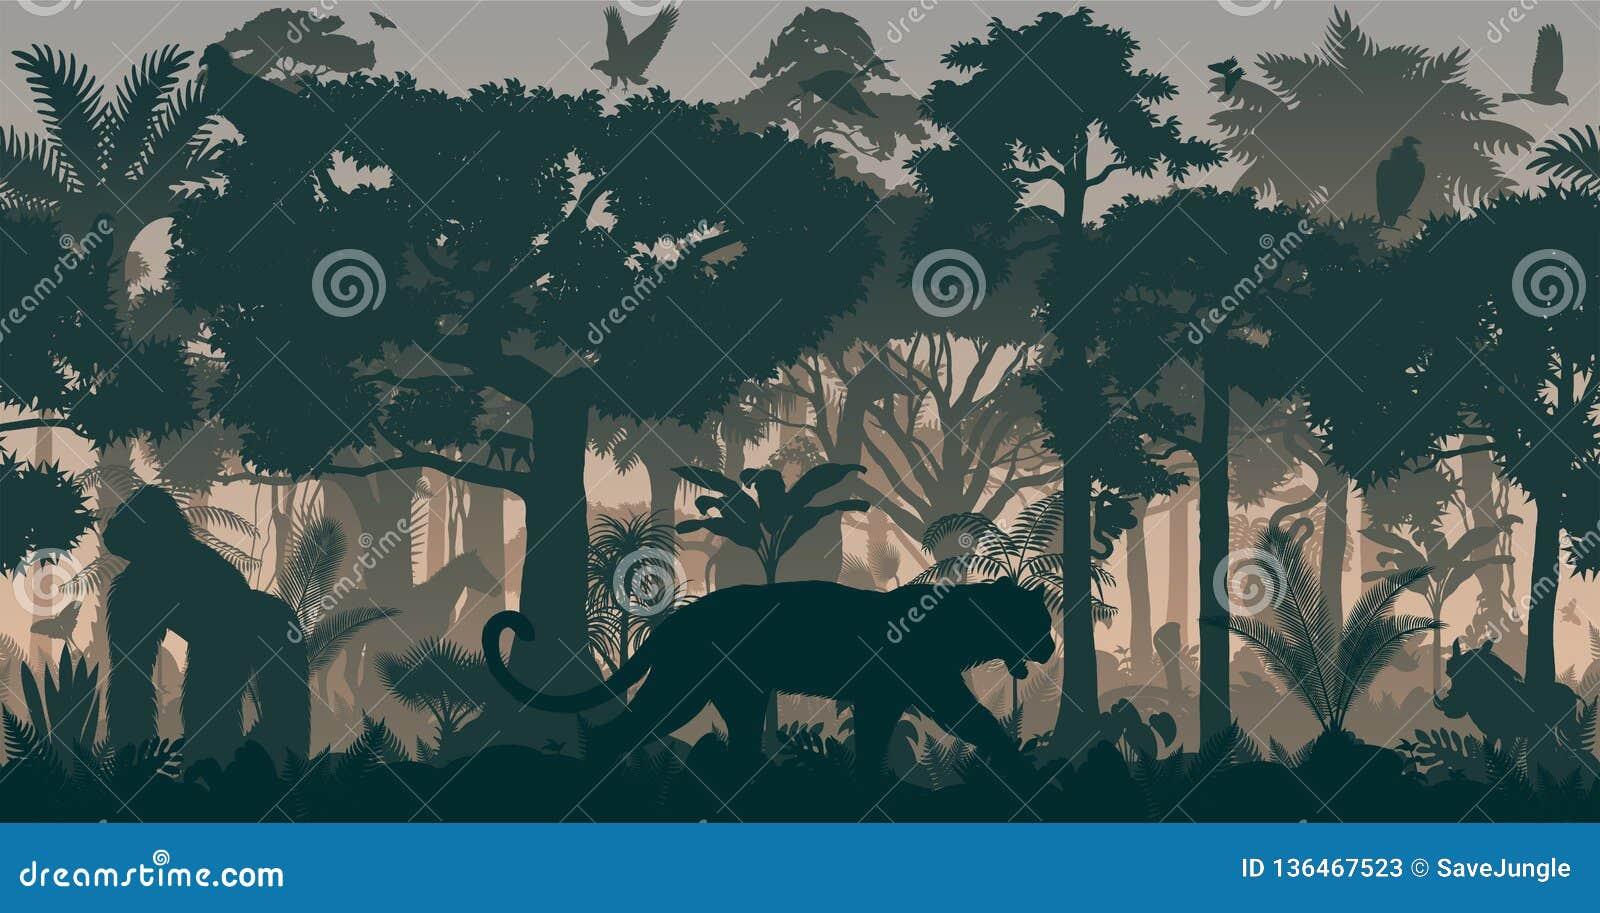 Fondo tropicale senza cuciture orizzontale africano della giungla della foresta pluviale di vettore con gli animali